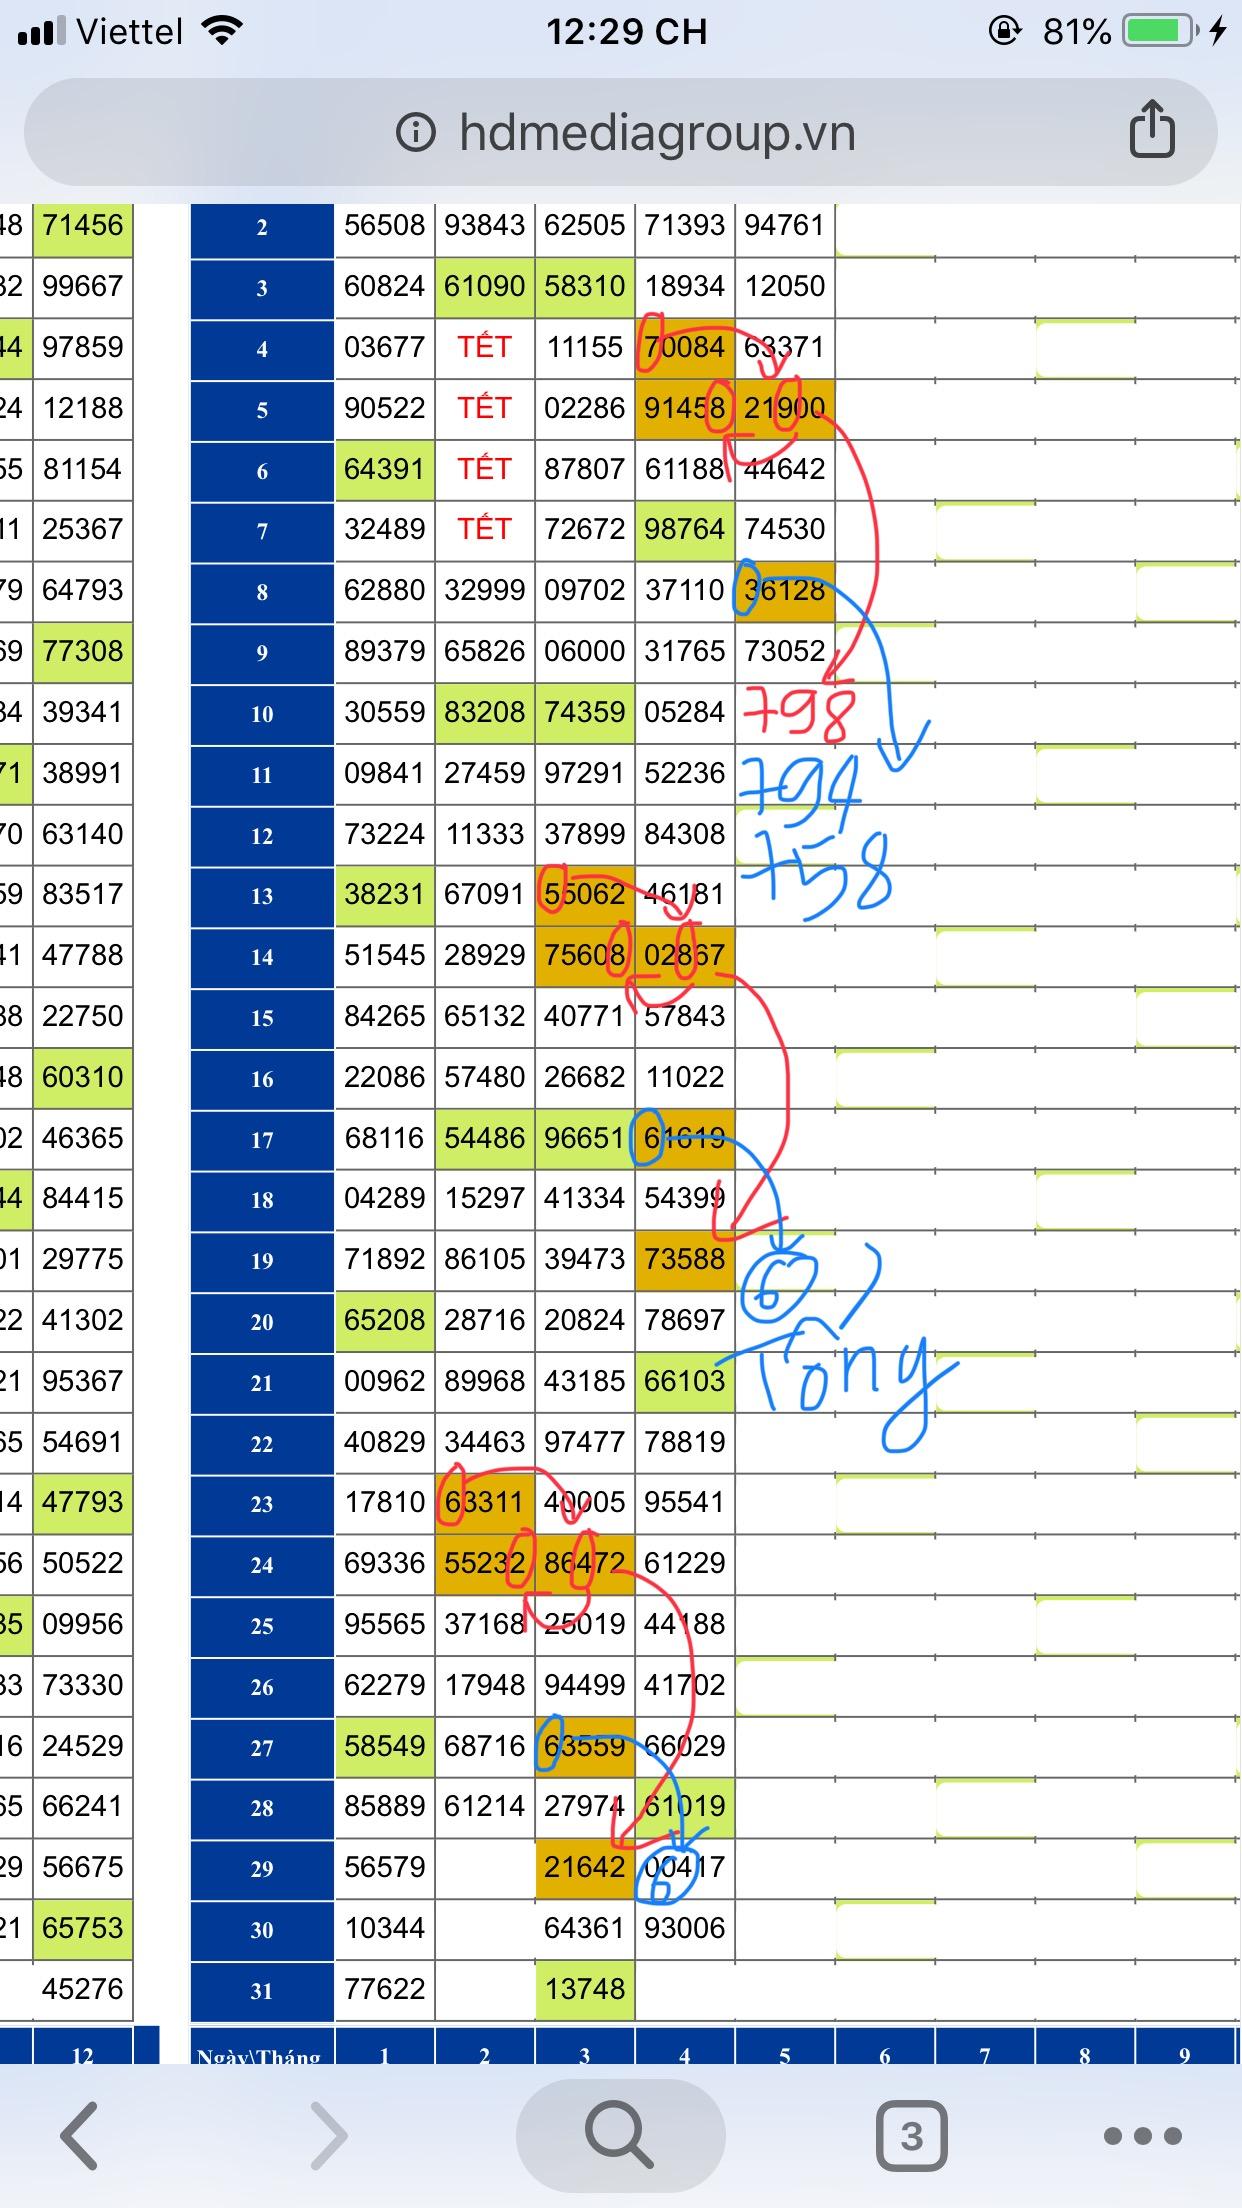 31A4EDB0-8846-4864-A6E5-8DA96B15FAD8.jpeg